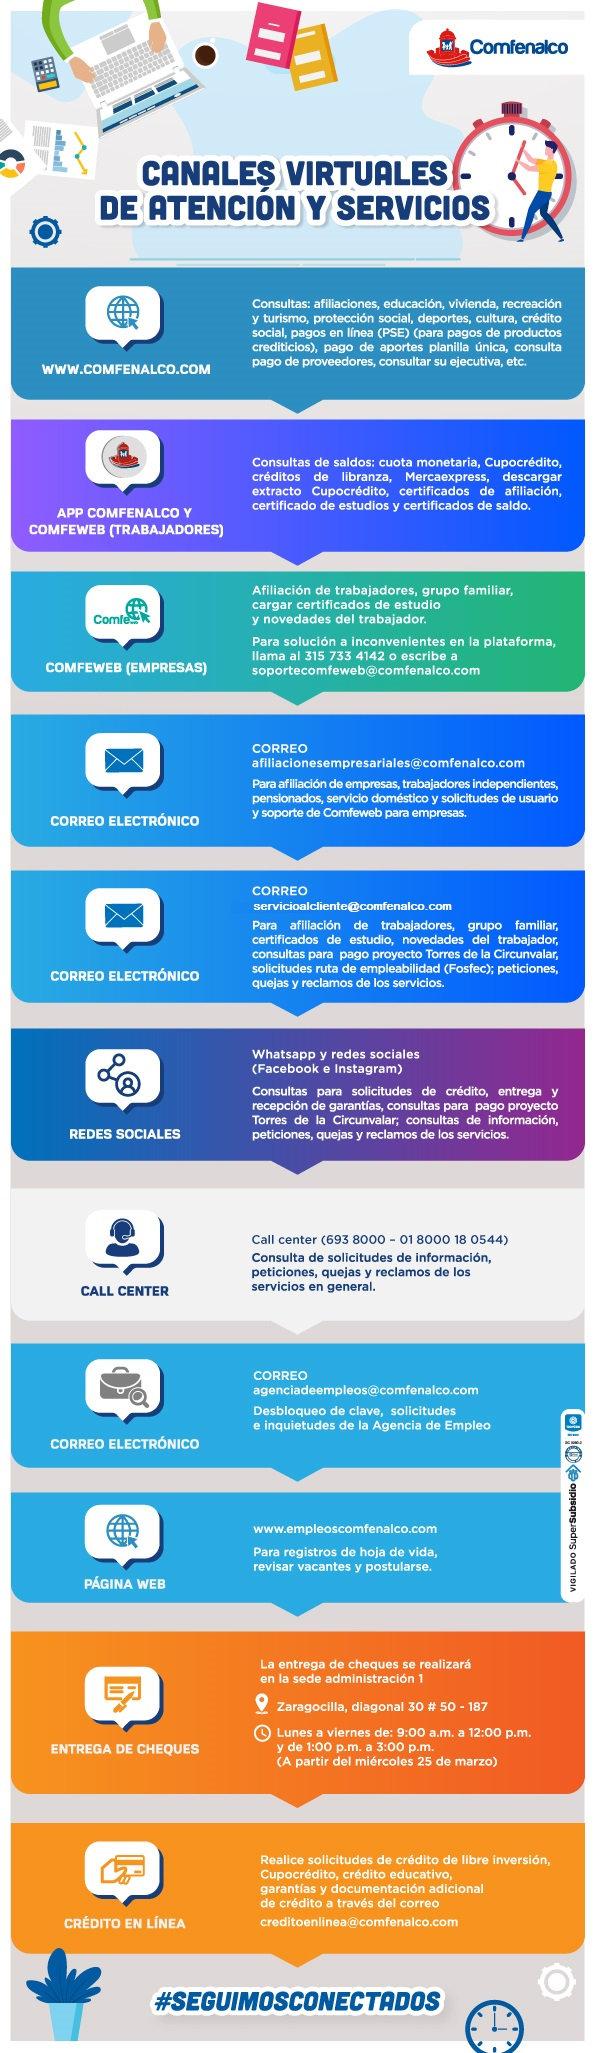 Infografía_Canales_de_Atención_Comfenalc